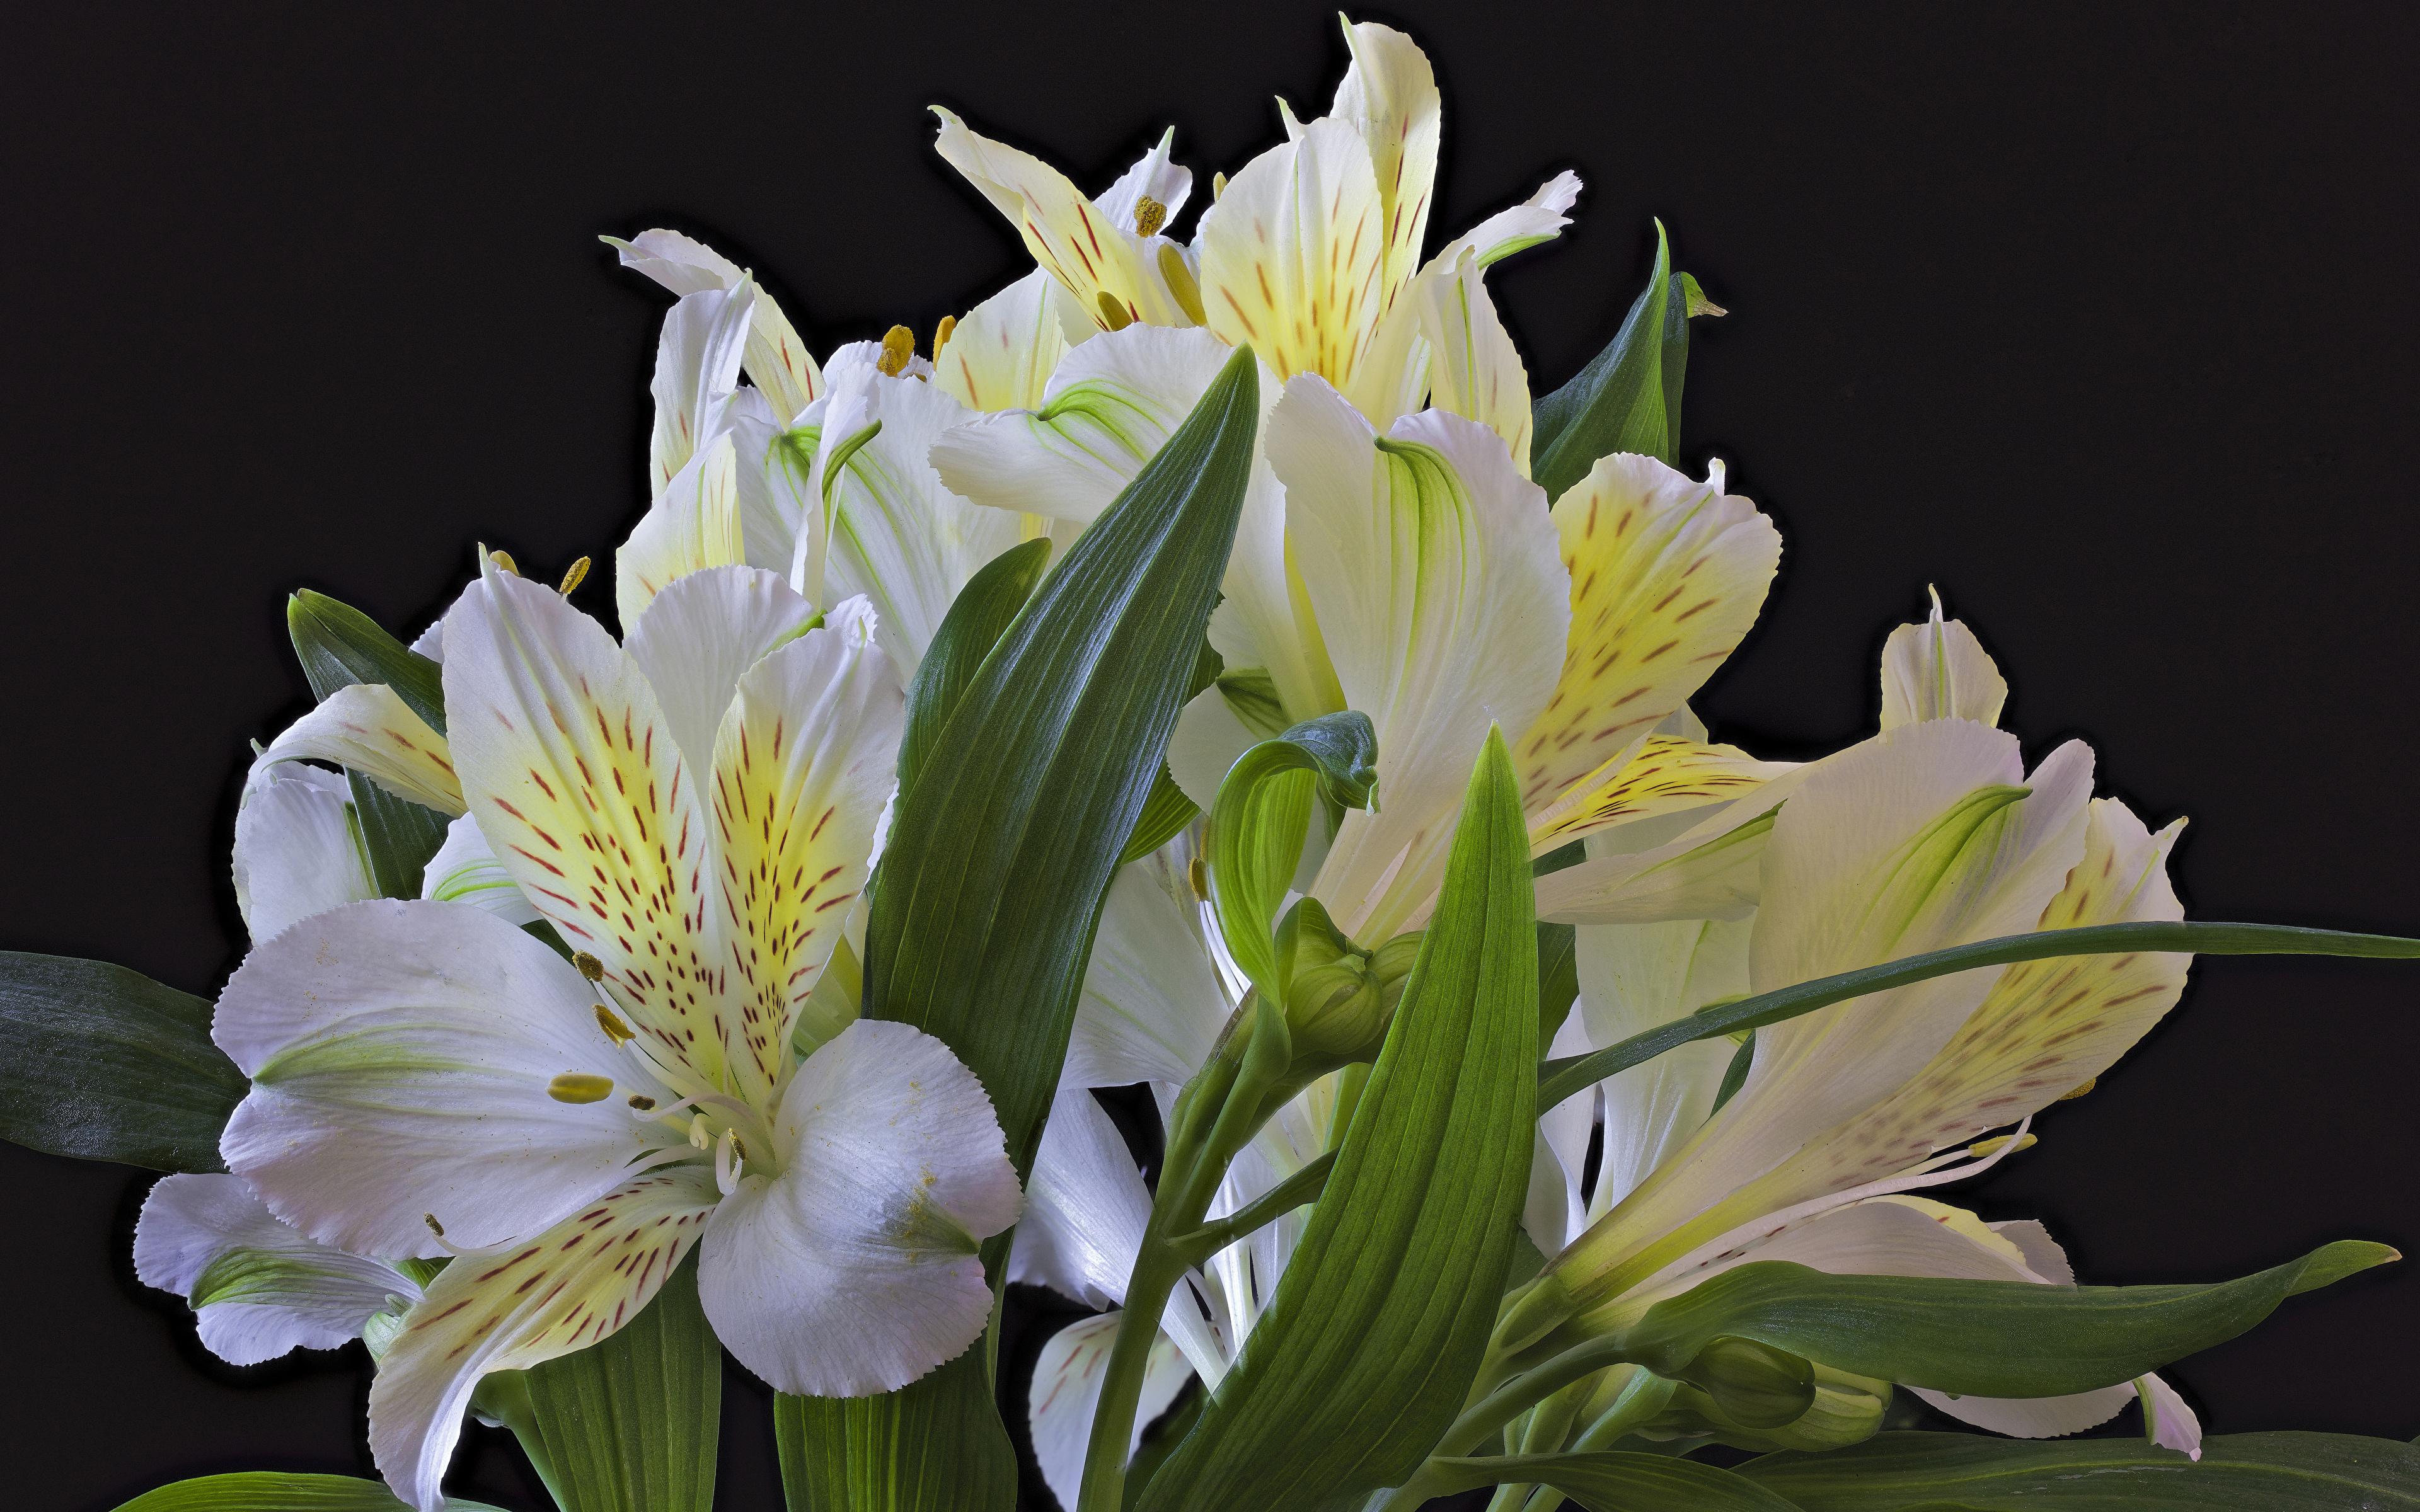 Фото Белый Цветы Альстрёмерия на черном фоне Крупным планом 3840x2400 белых белые белая цветок вблизи Черный фон